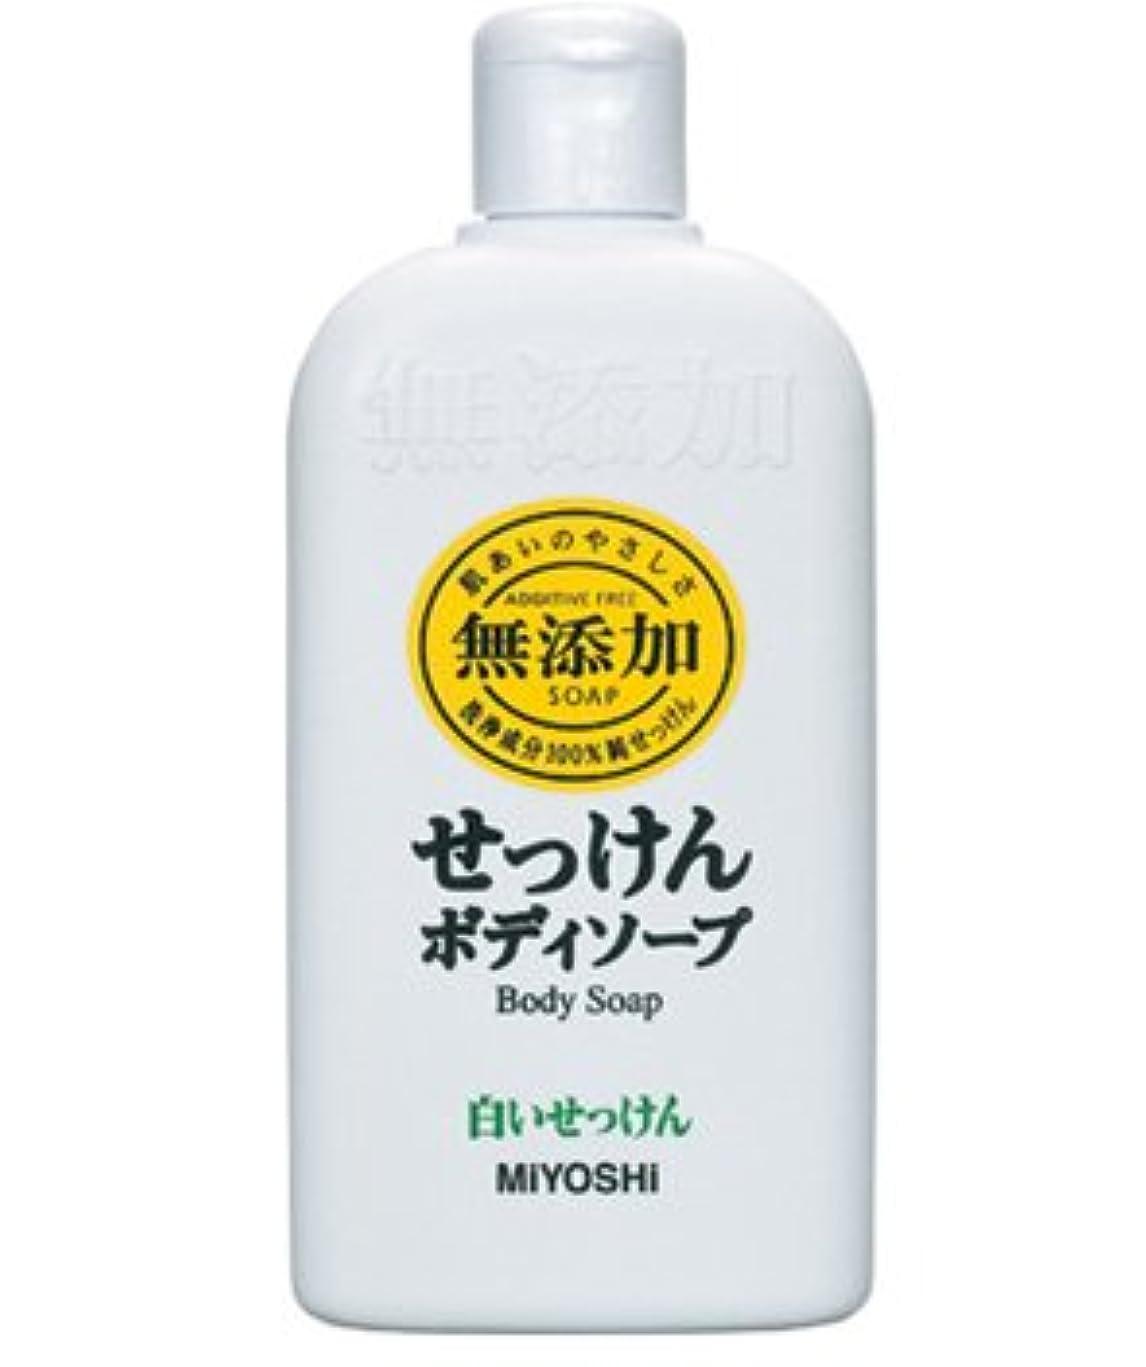 袋害虫に対してミヨシ石鹸 無添加 ボディソープ 白い石けん レギュラー 400ml(無添加石鹸)×20点セット (4904551100324)